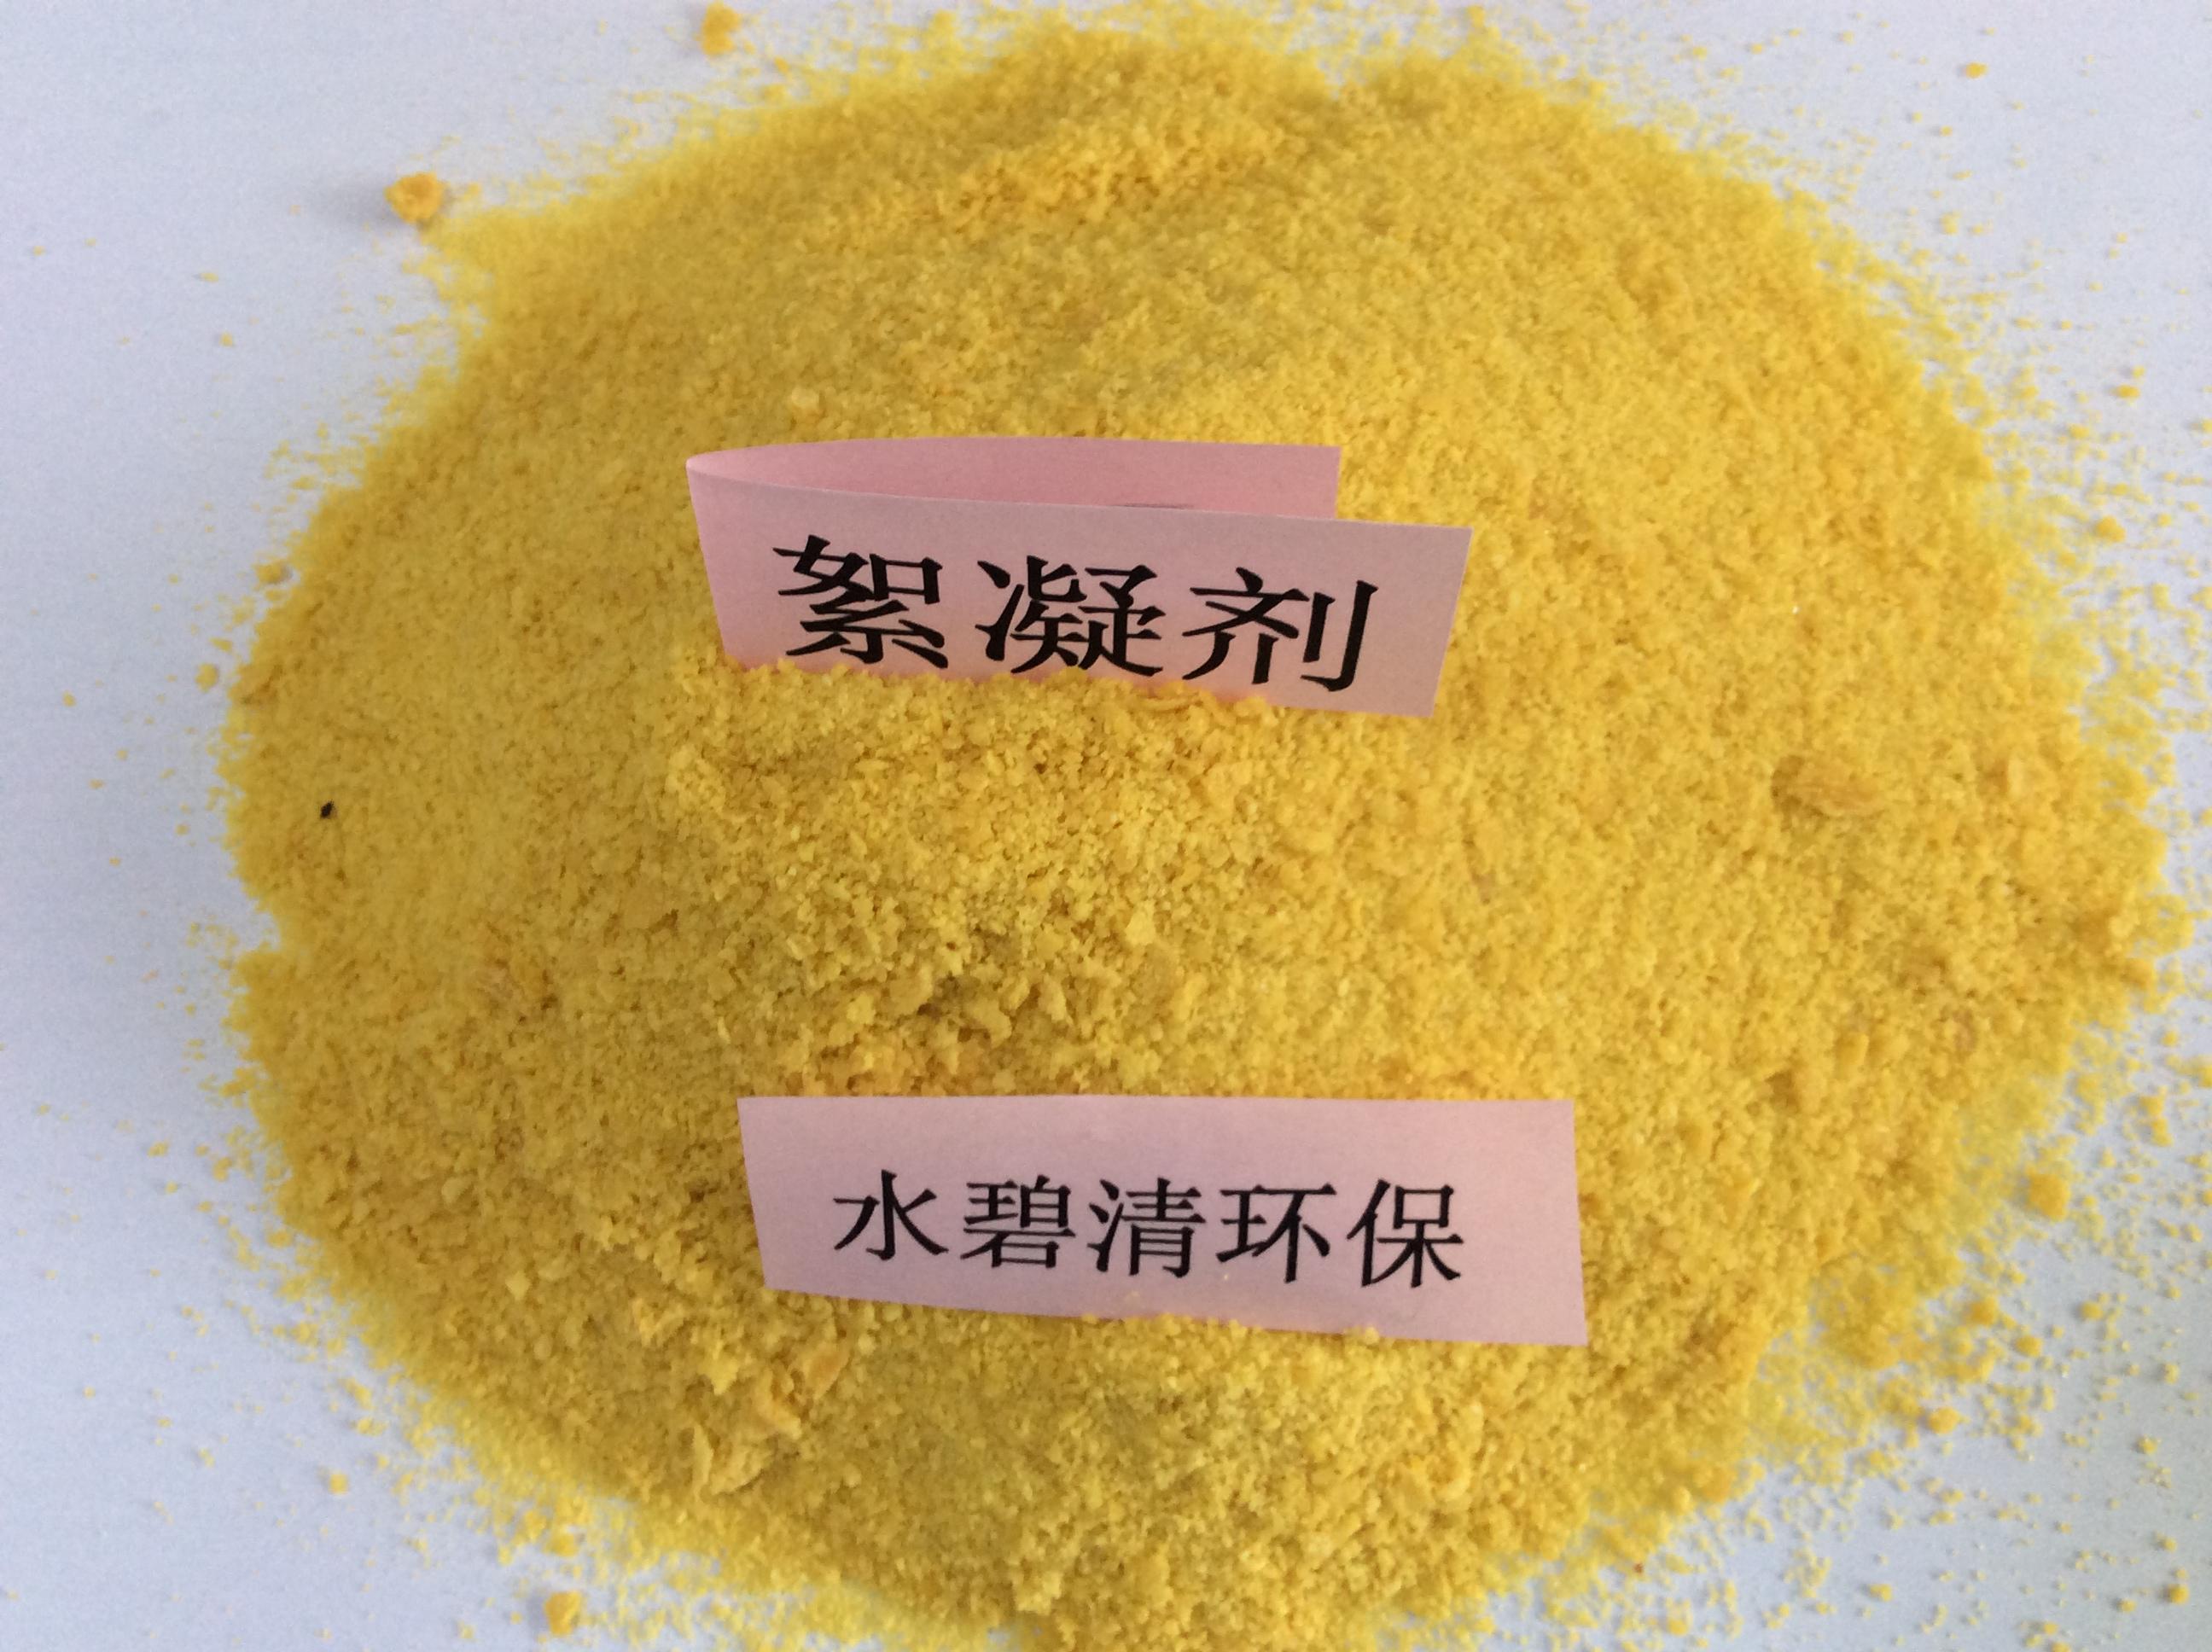 辽阳工业循环水处理消泡剂实力厂家-水碧清